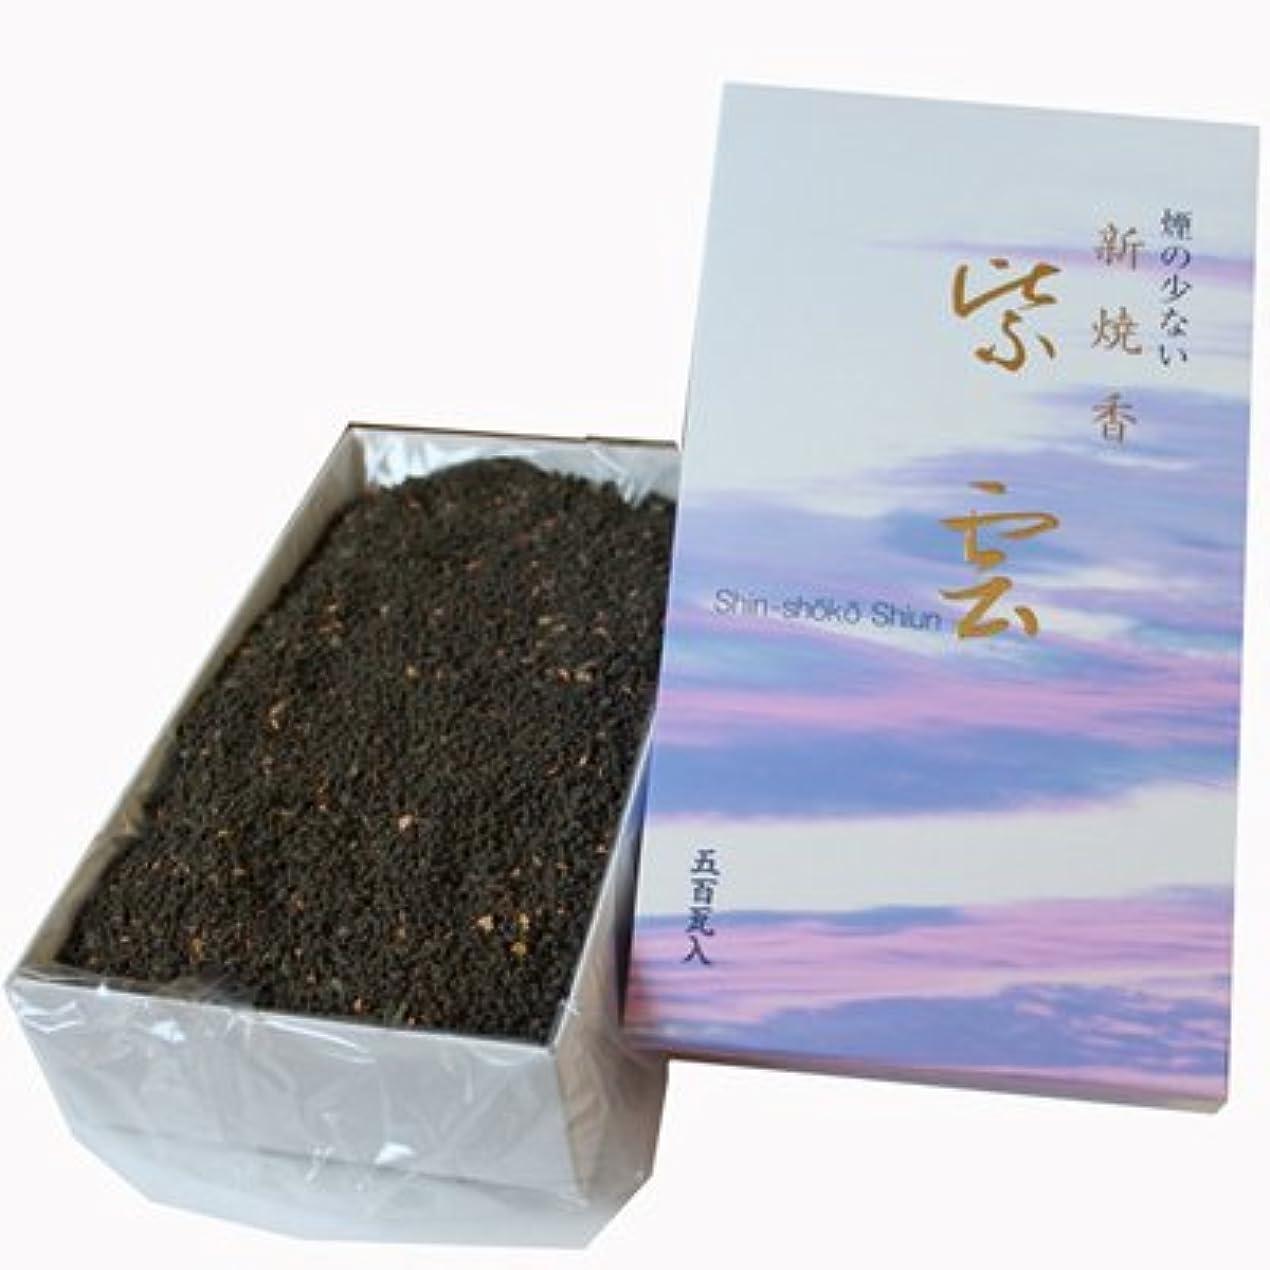 アミューズライトニングが欲しい少煙焼香 紫雲500g箱入り  抹香